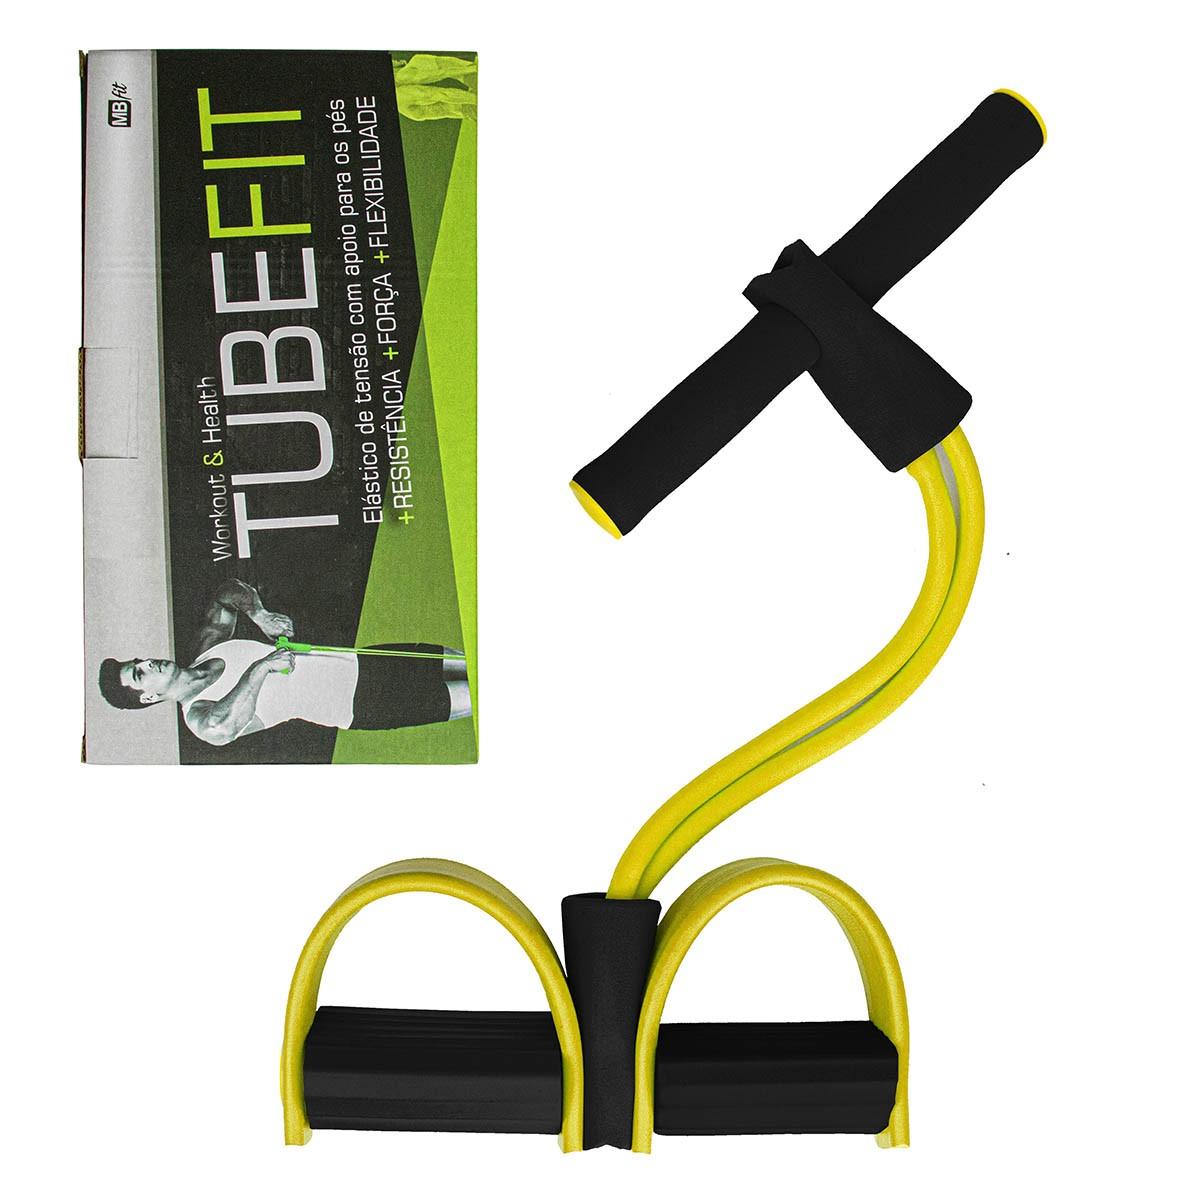 Elástico de Tensão para Exercícios com Apoio de Pés Academia Tubefit MBfit MB87116